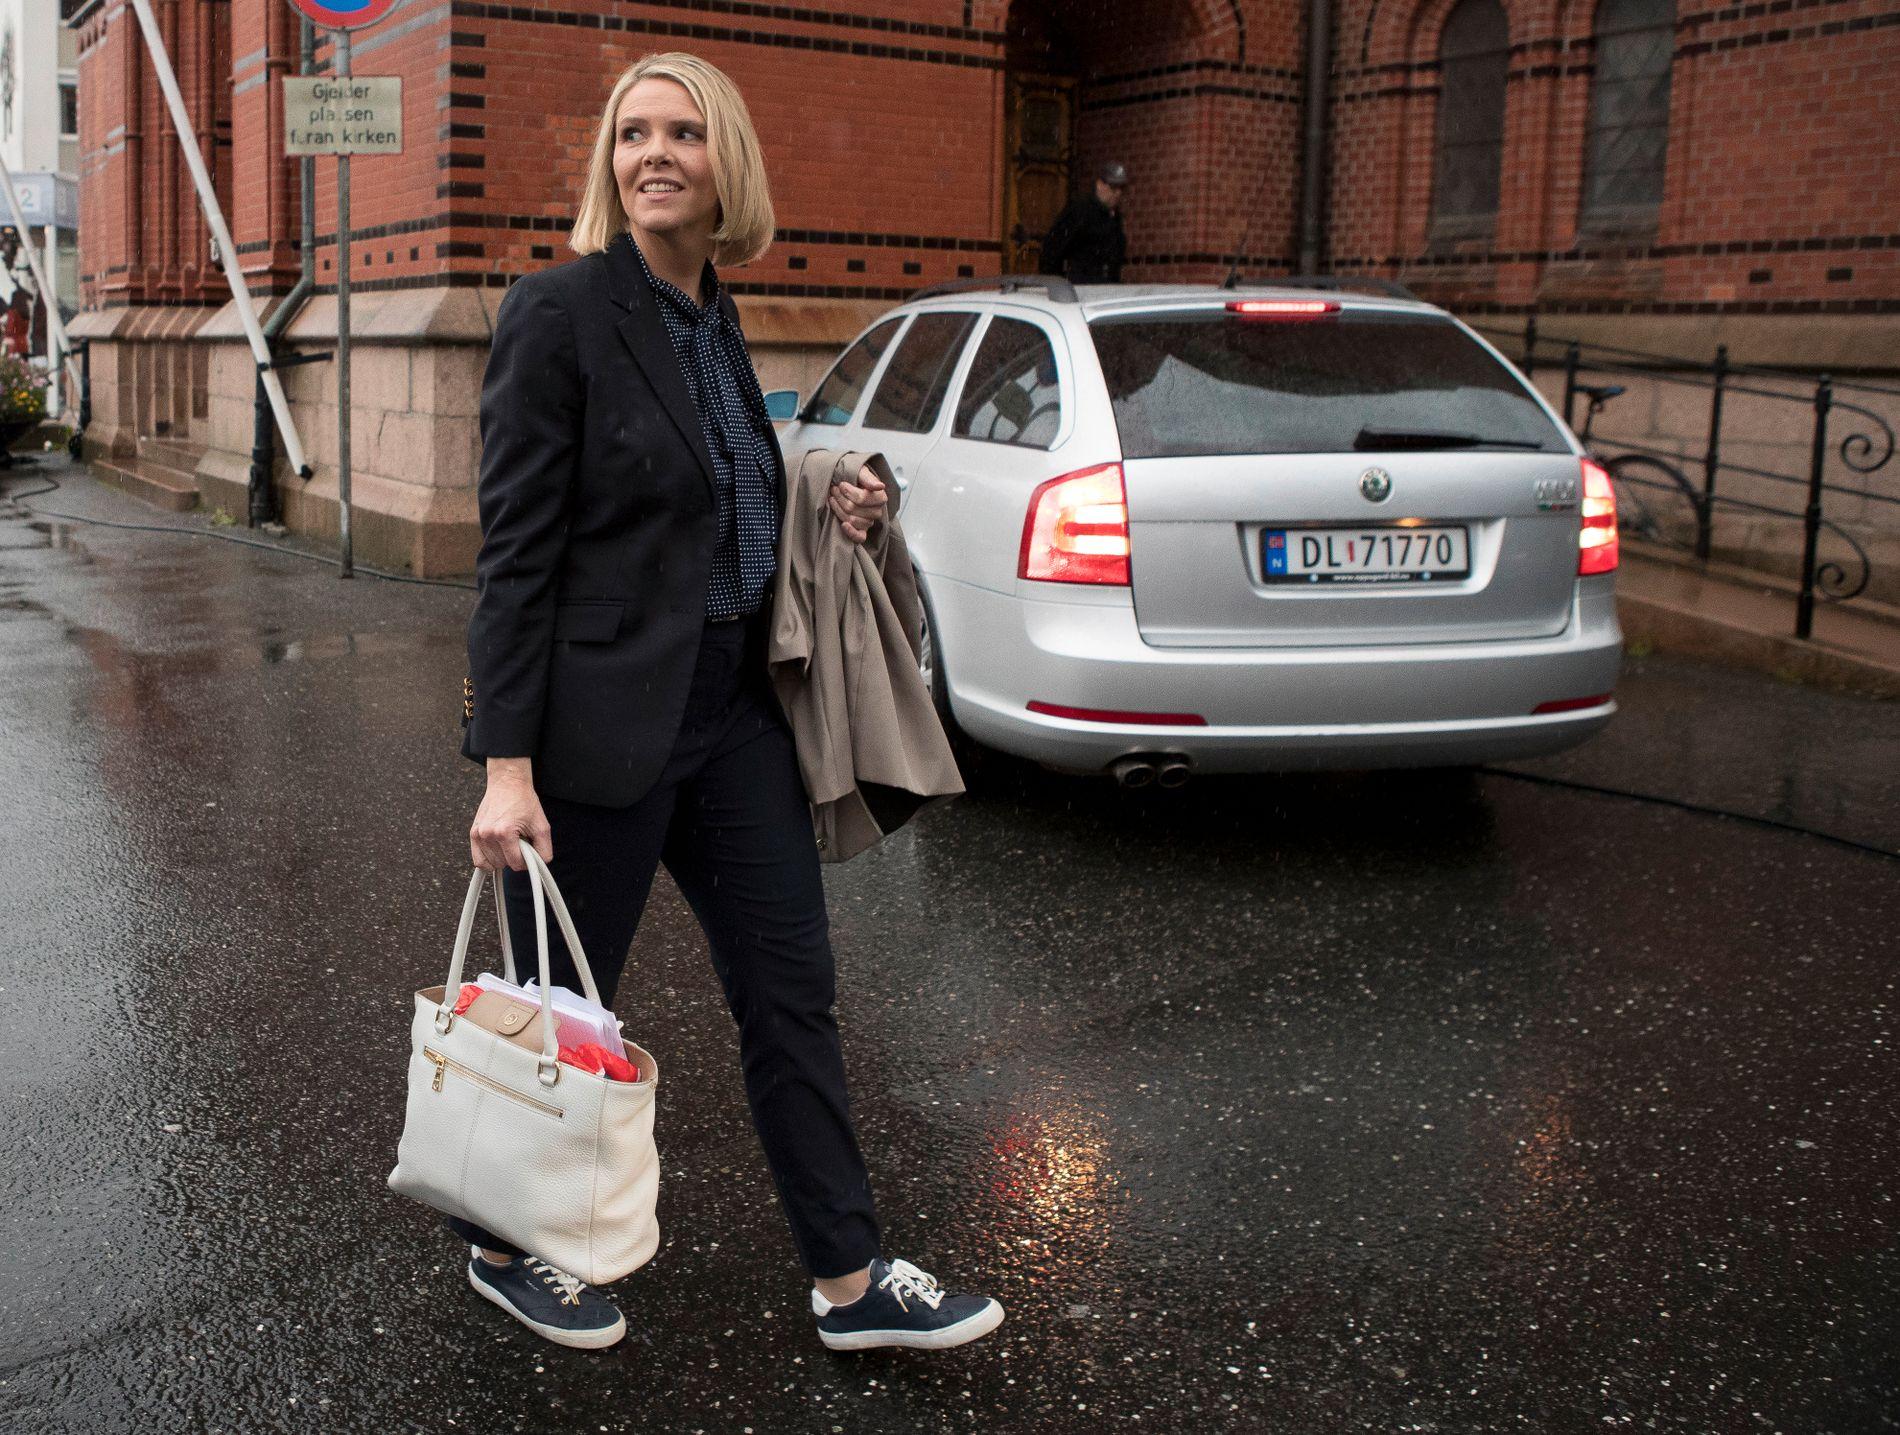 BESØKER RINKEBY: Sylvi Listhaug er på besøk i Sverige i dag, men møtet med den svenske integreringsministeren ble avlyst i siste liten. Her fra Arendalsuka.